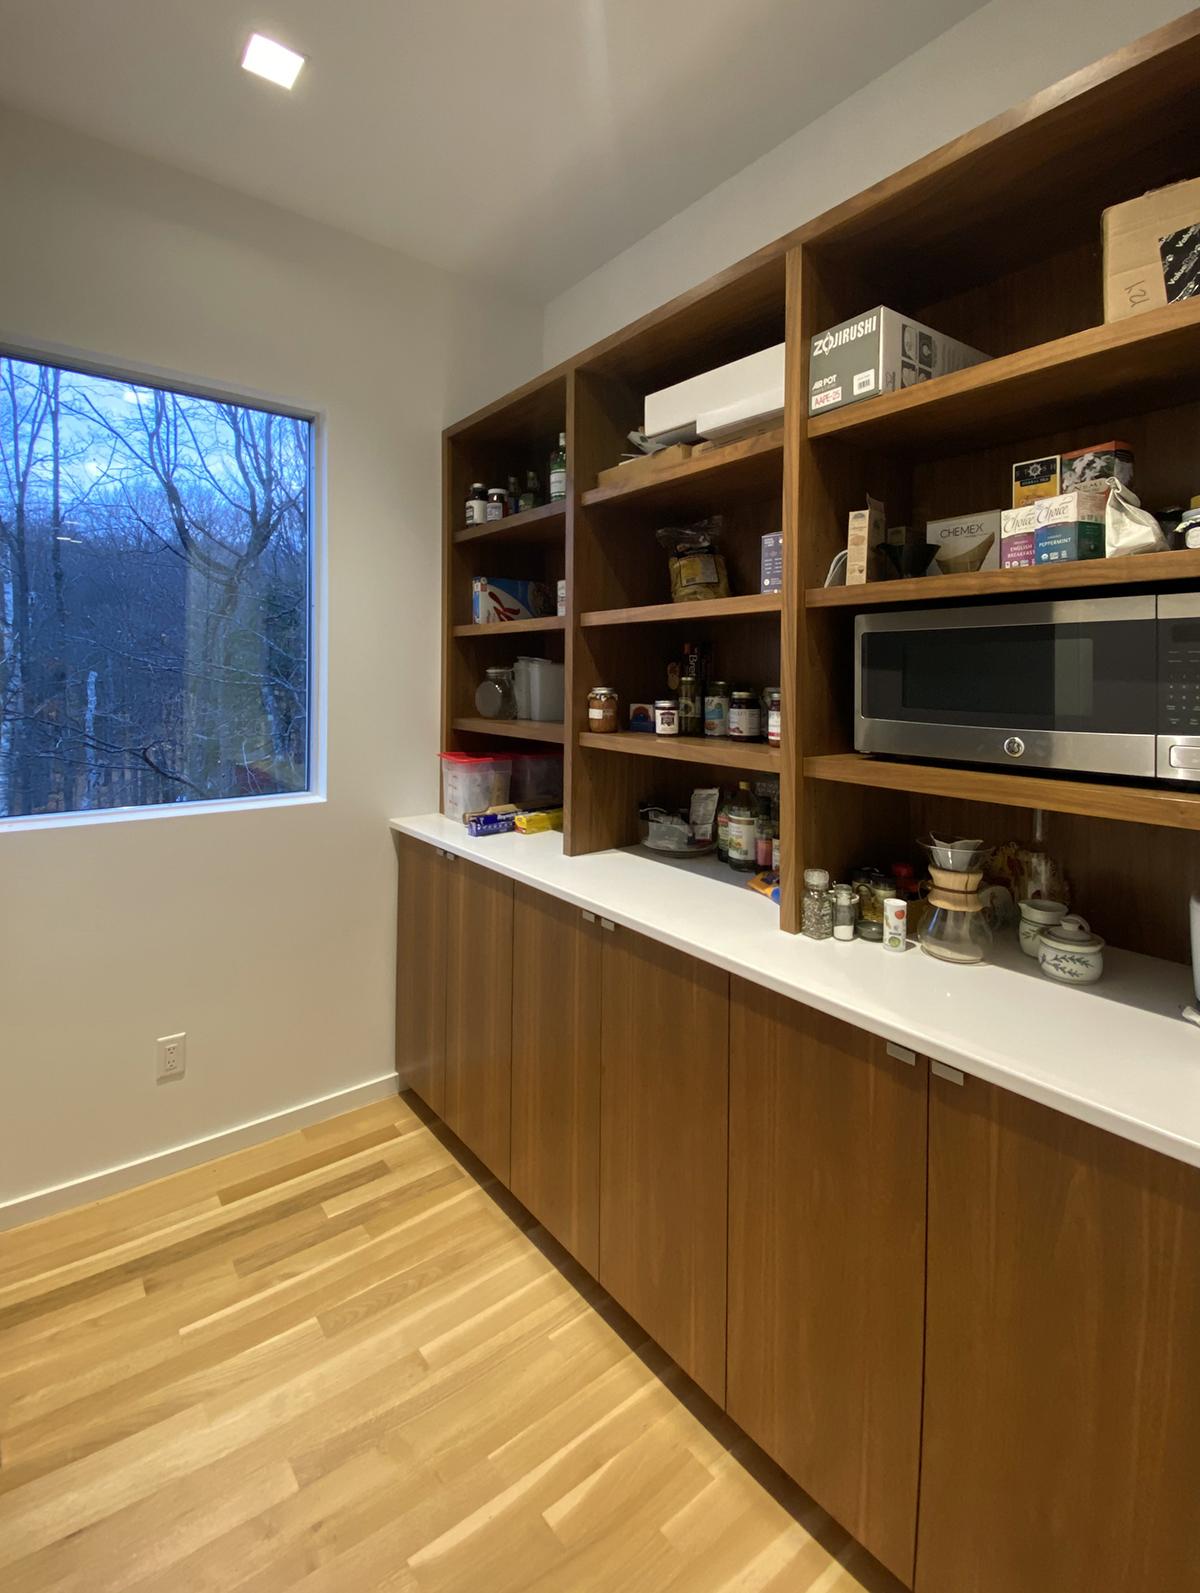 View of the Pantry Cabinets - Dallas Architect Bob Borson